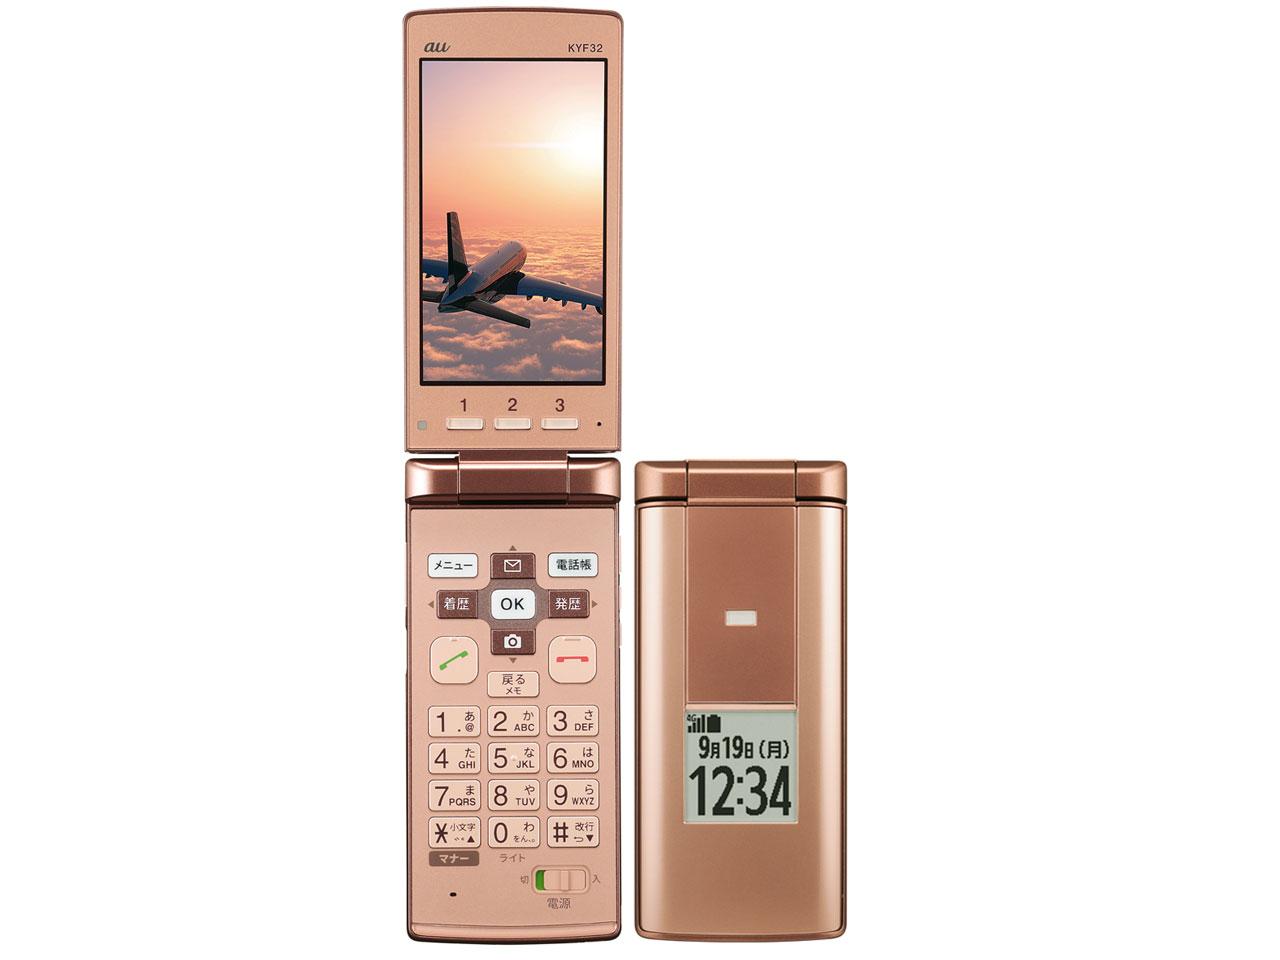 【新品・白ロム・本体】au かんたんケータイ KYF32 ピンク Pink 携帯電話 ガラホ KYF32 Pink kyf32  kyf32